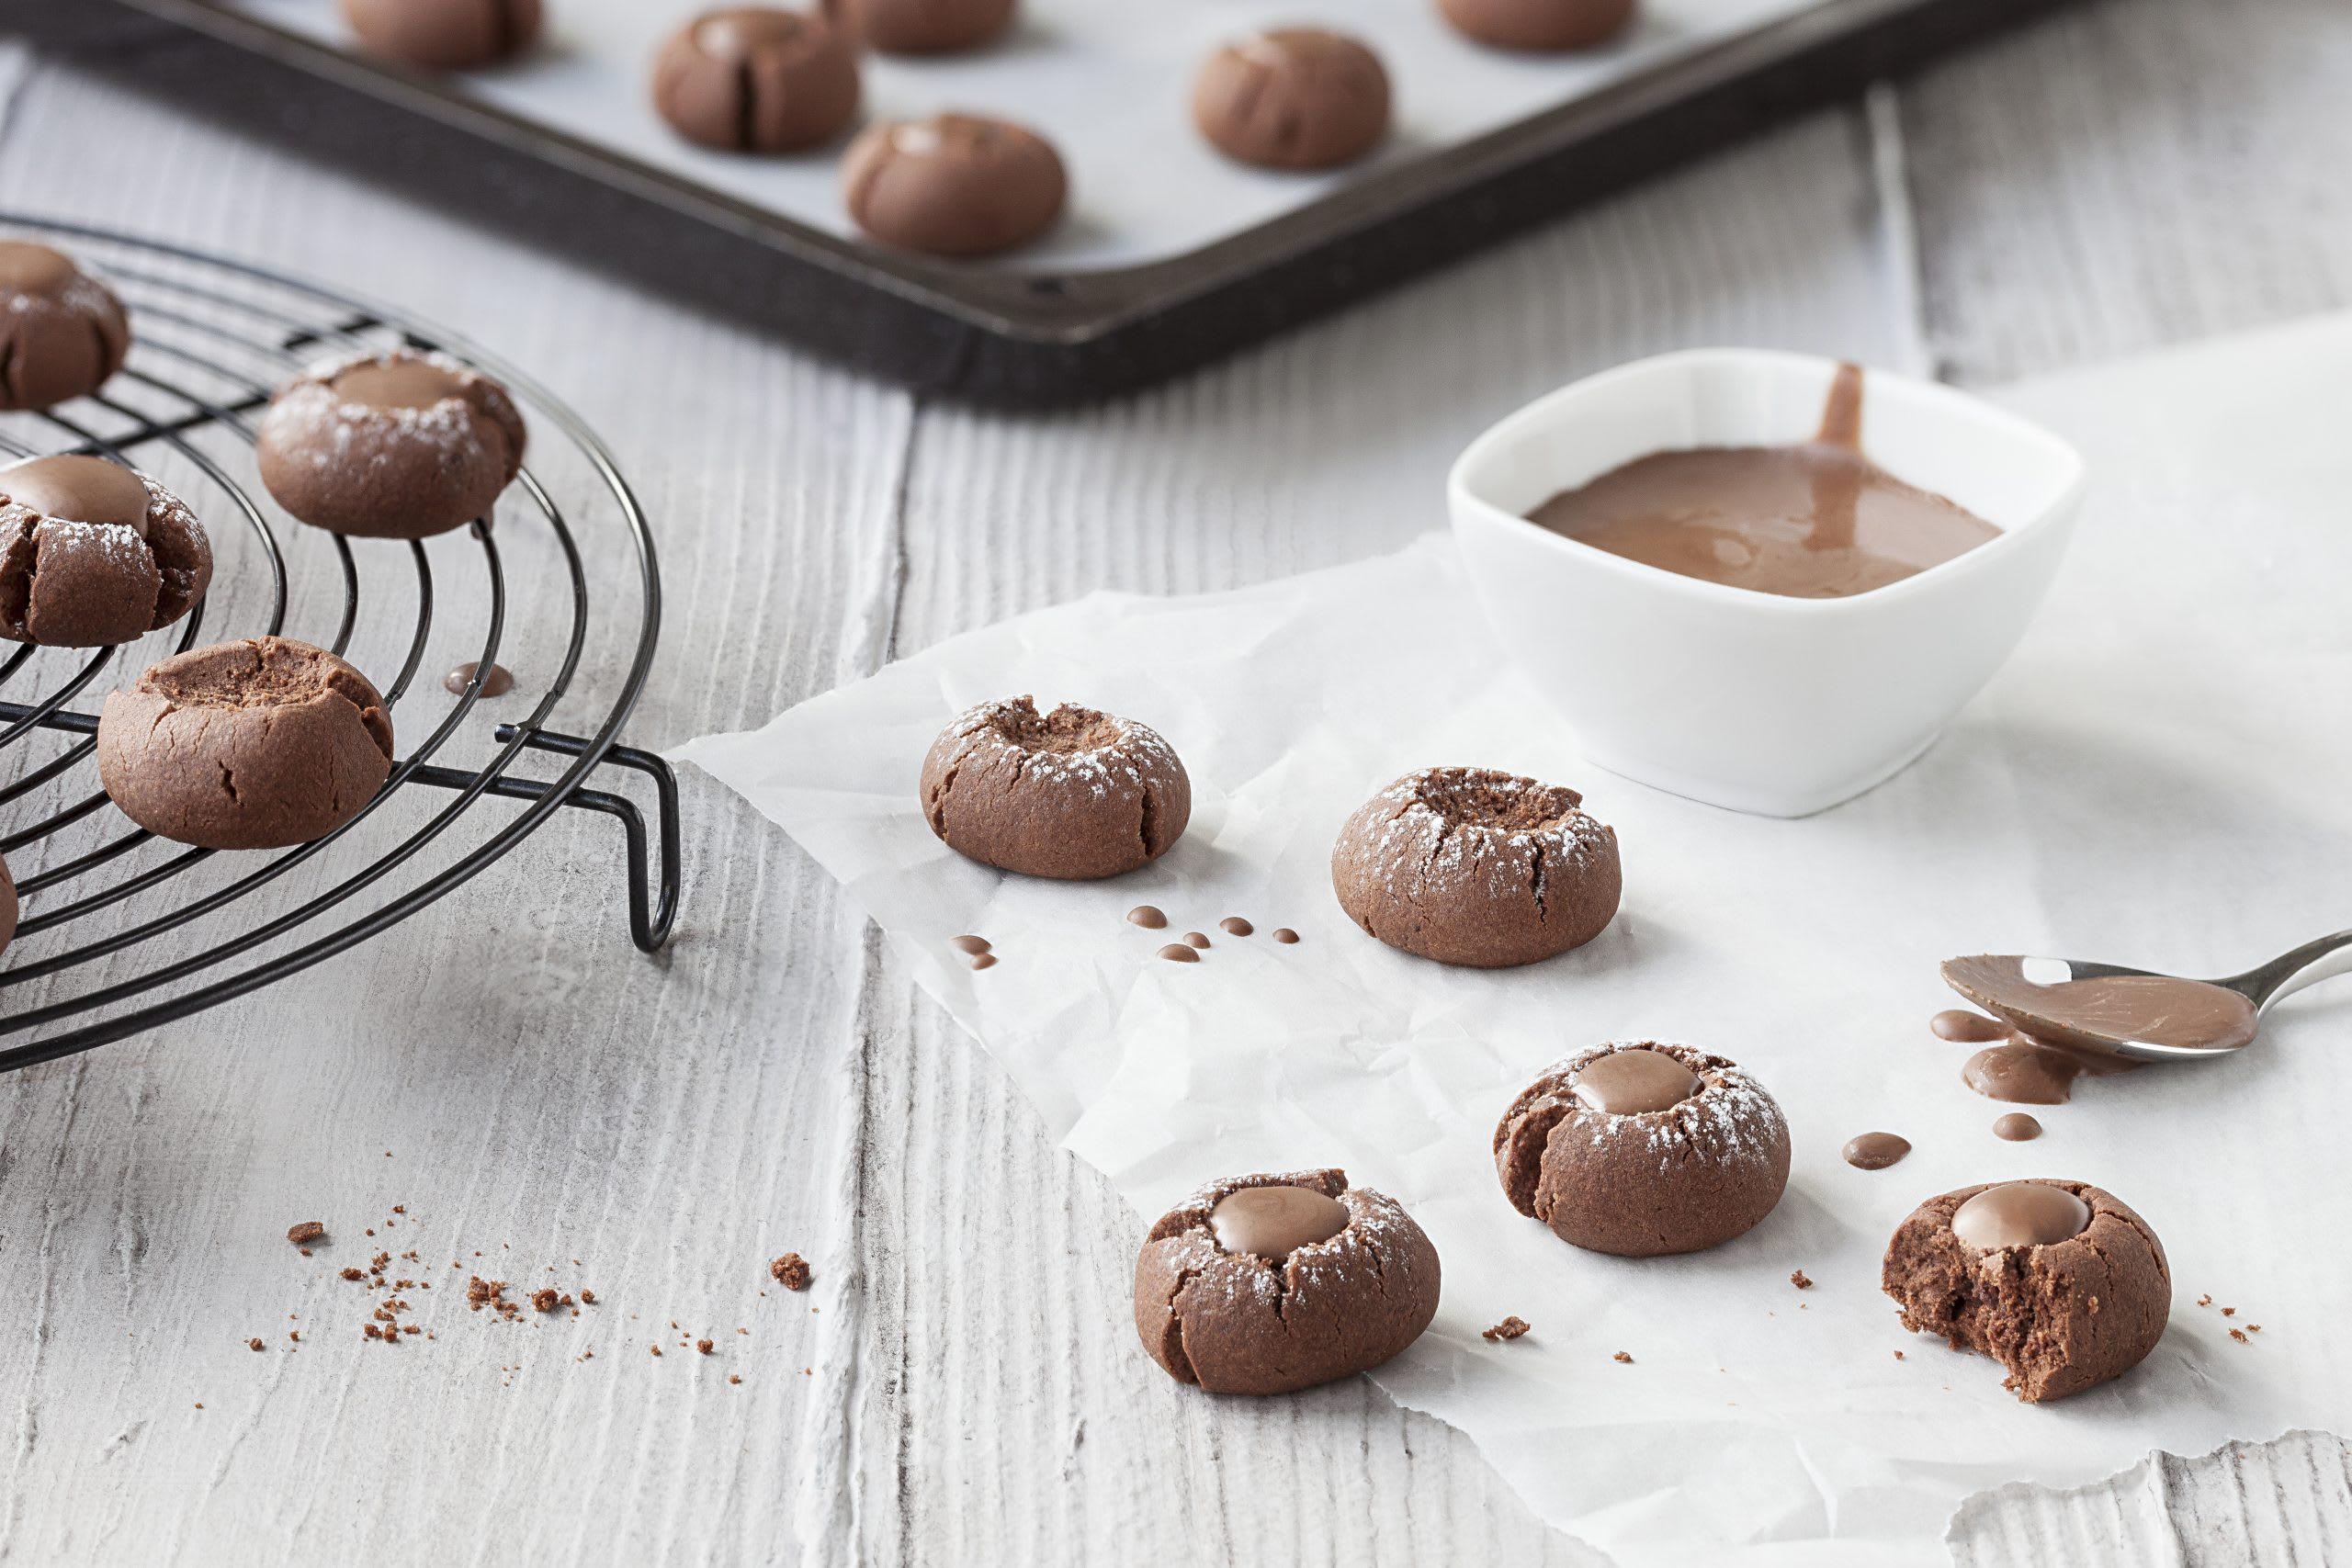 Biscuits au café avec coeur de chocolat